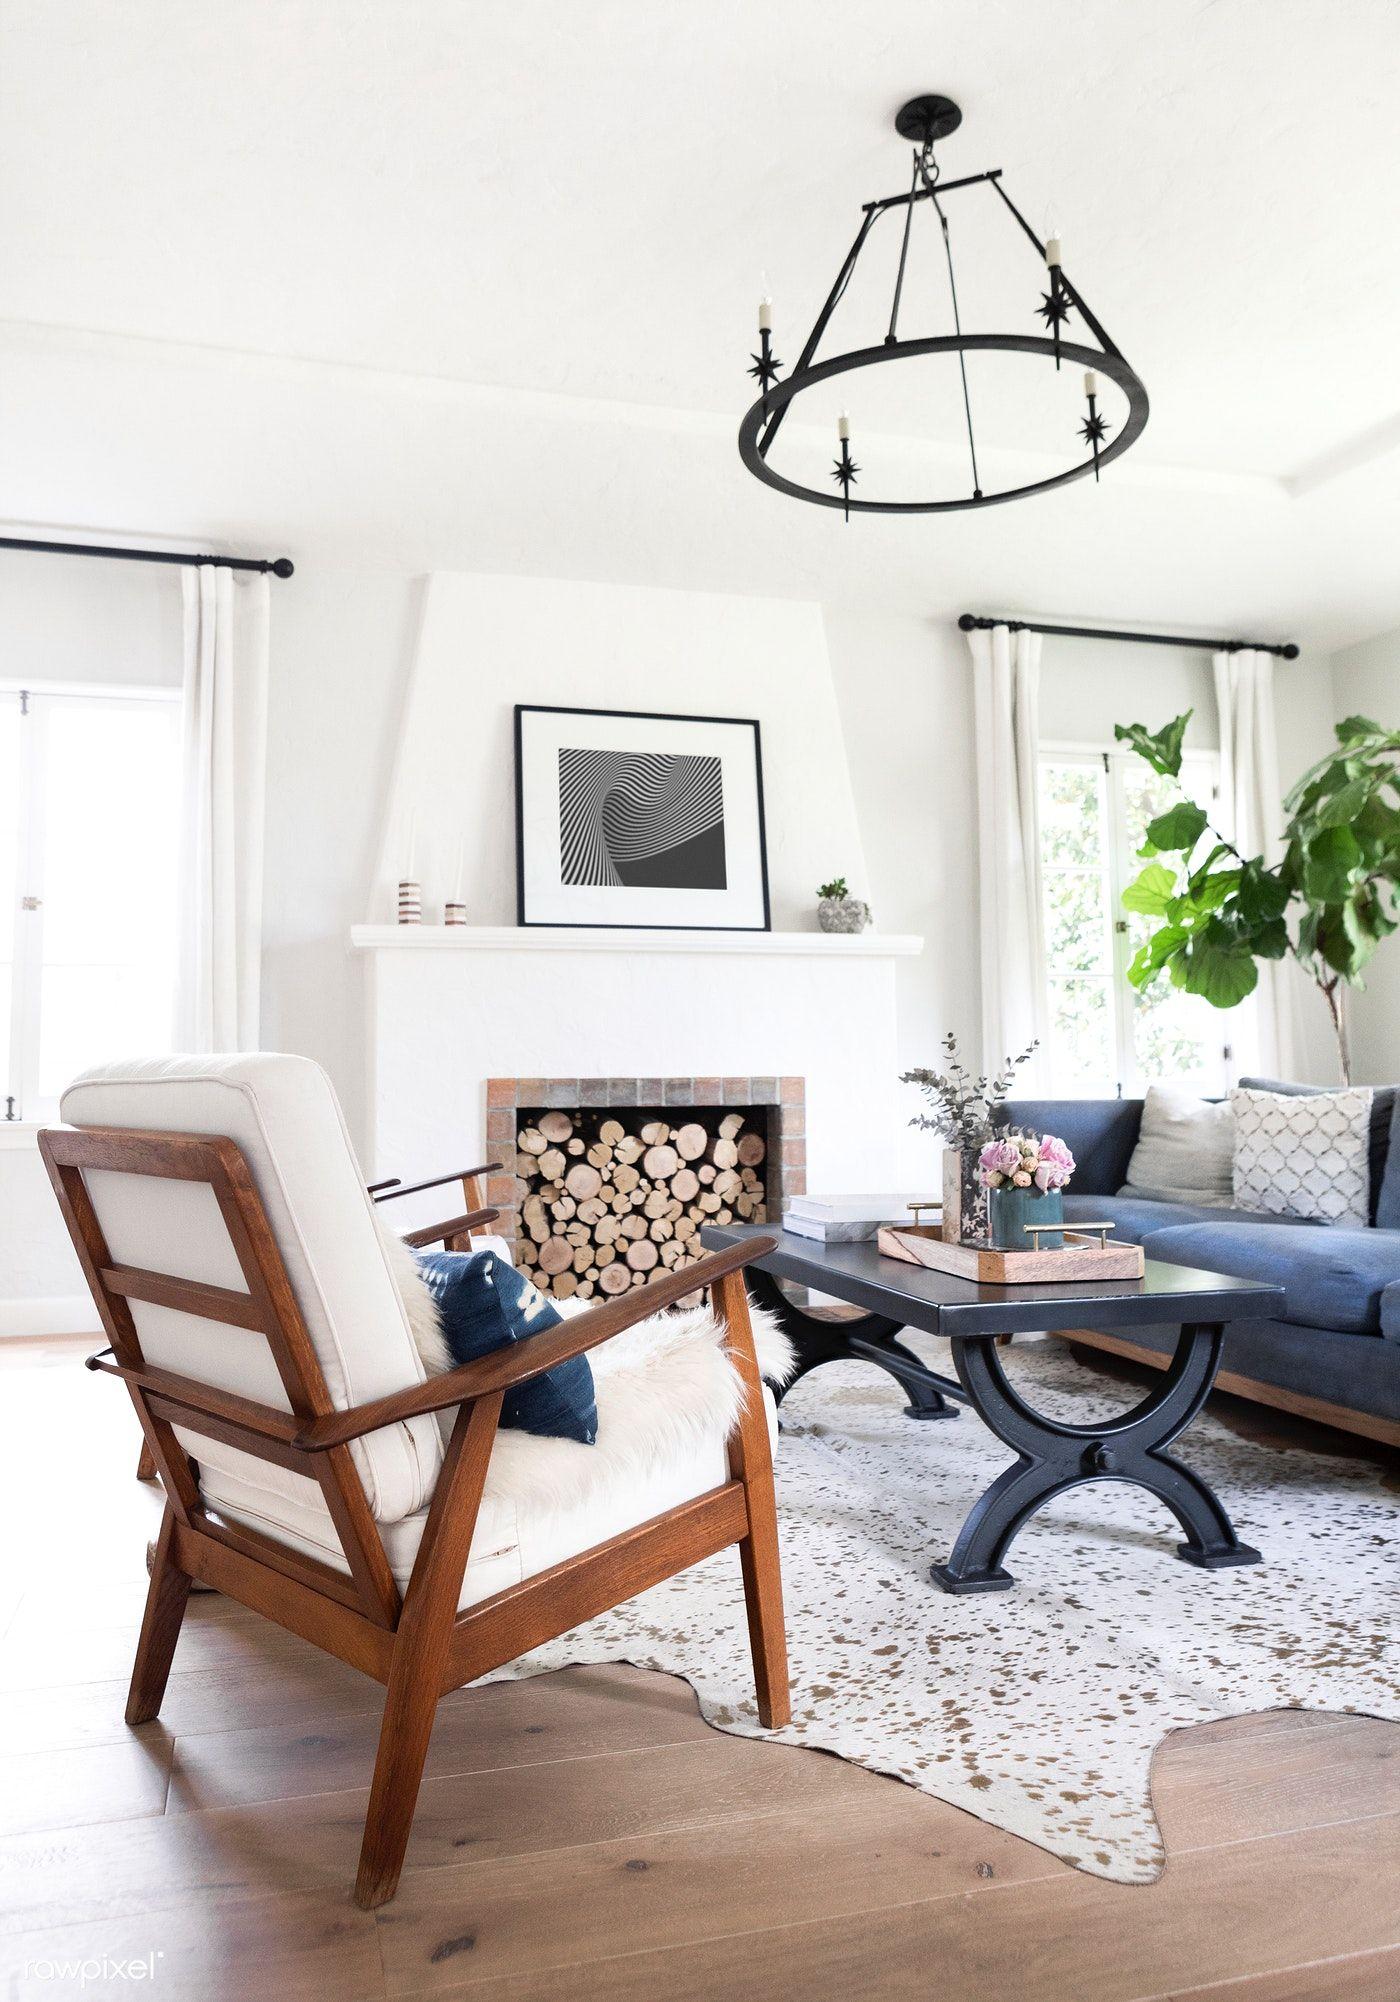 Download Premium Image Of Simple Living Room Interior 1211315 ม ร ปภาพ